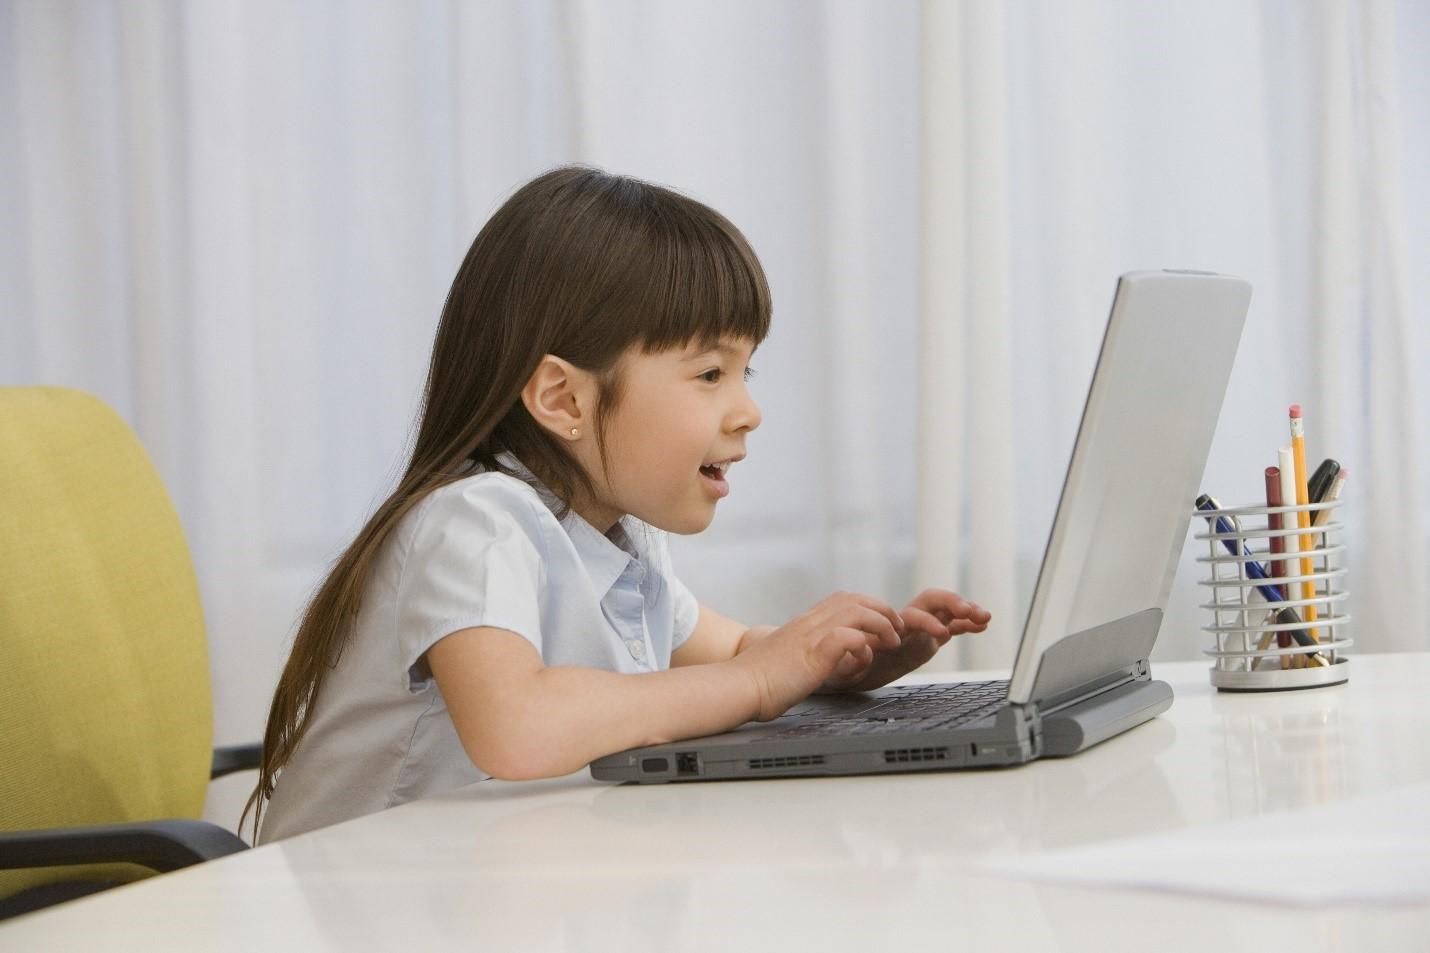 別輕忽孩子暑假的上網習慣!